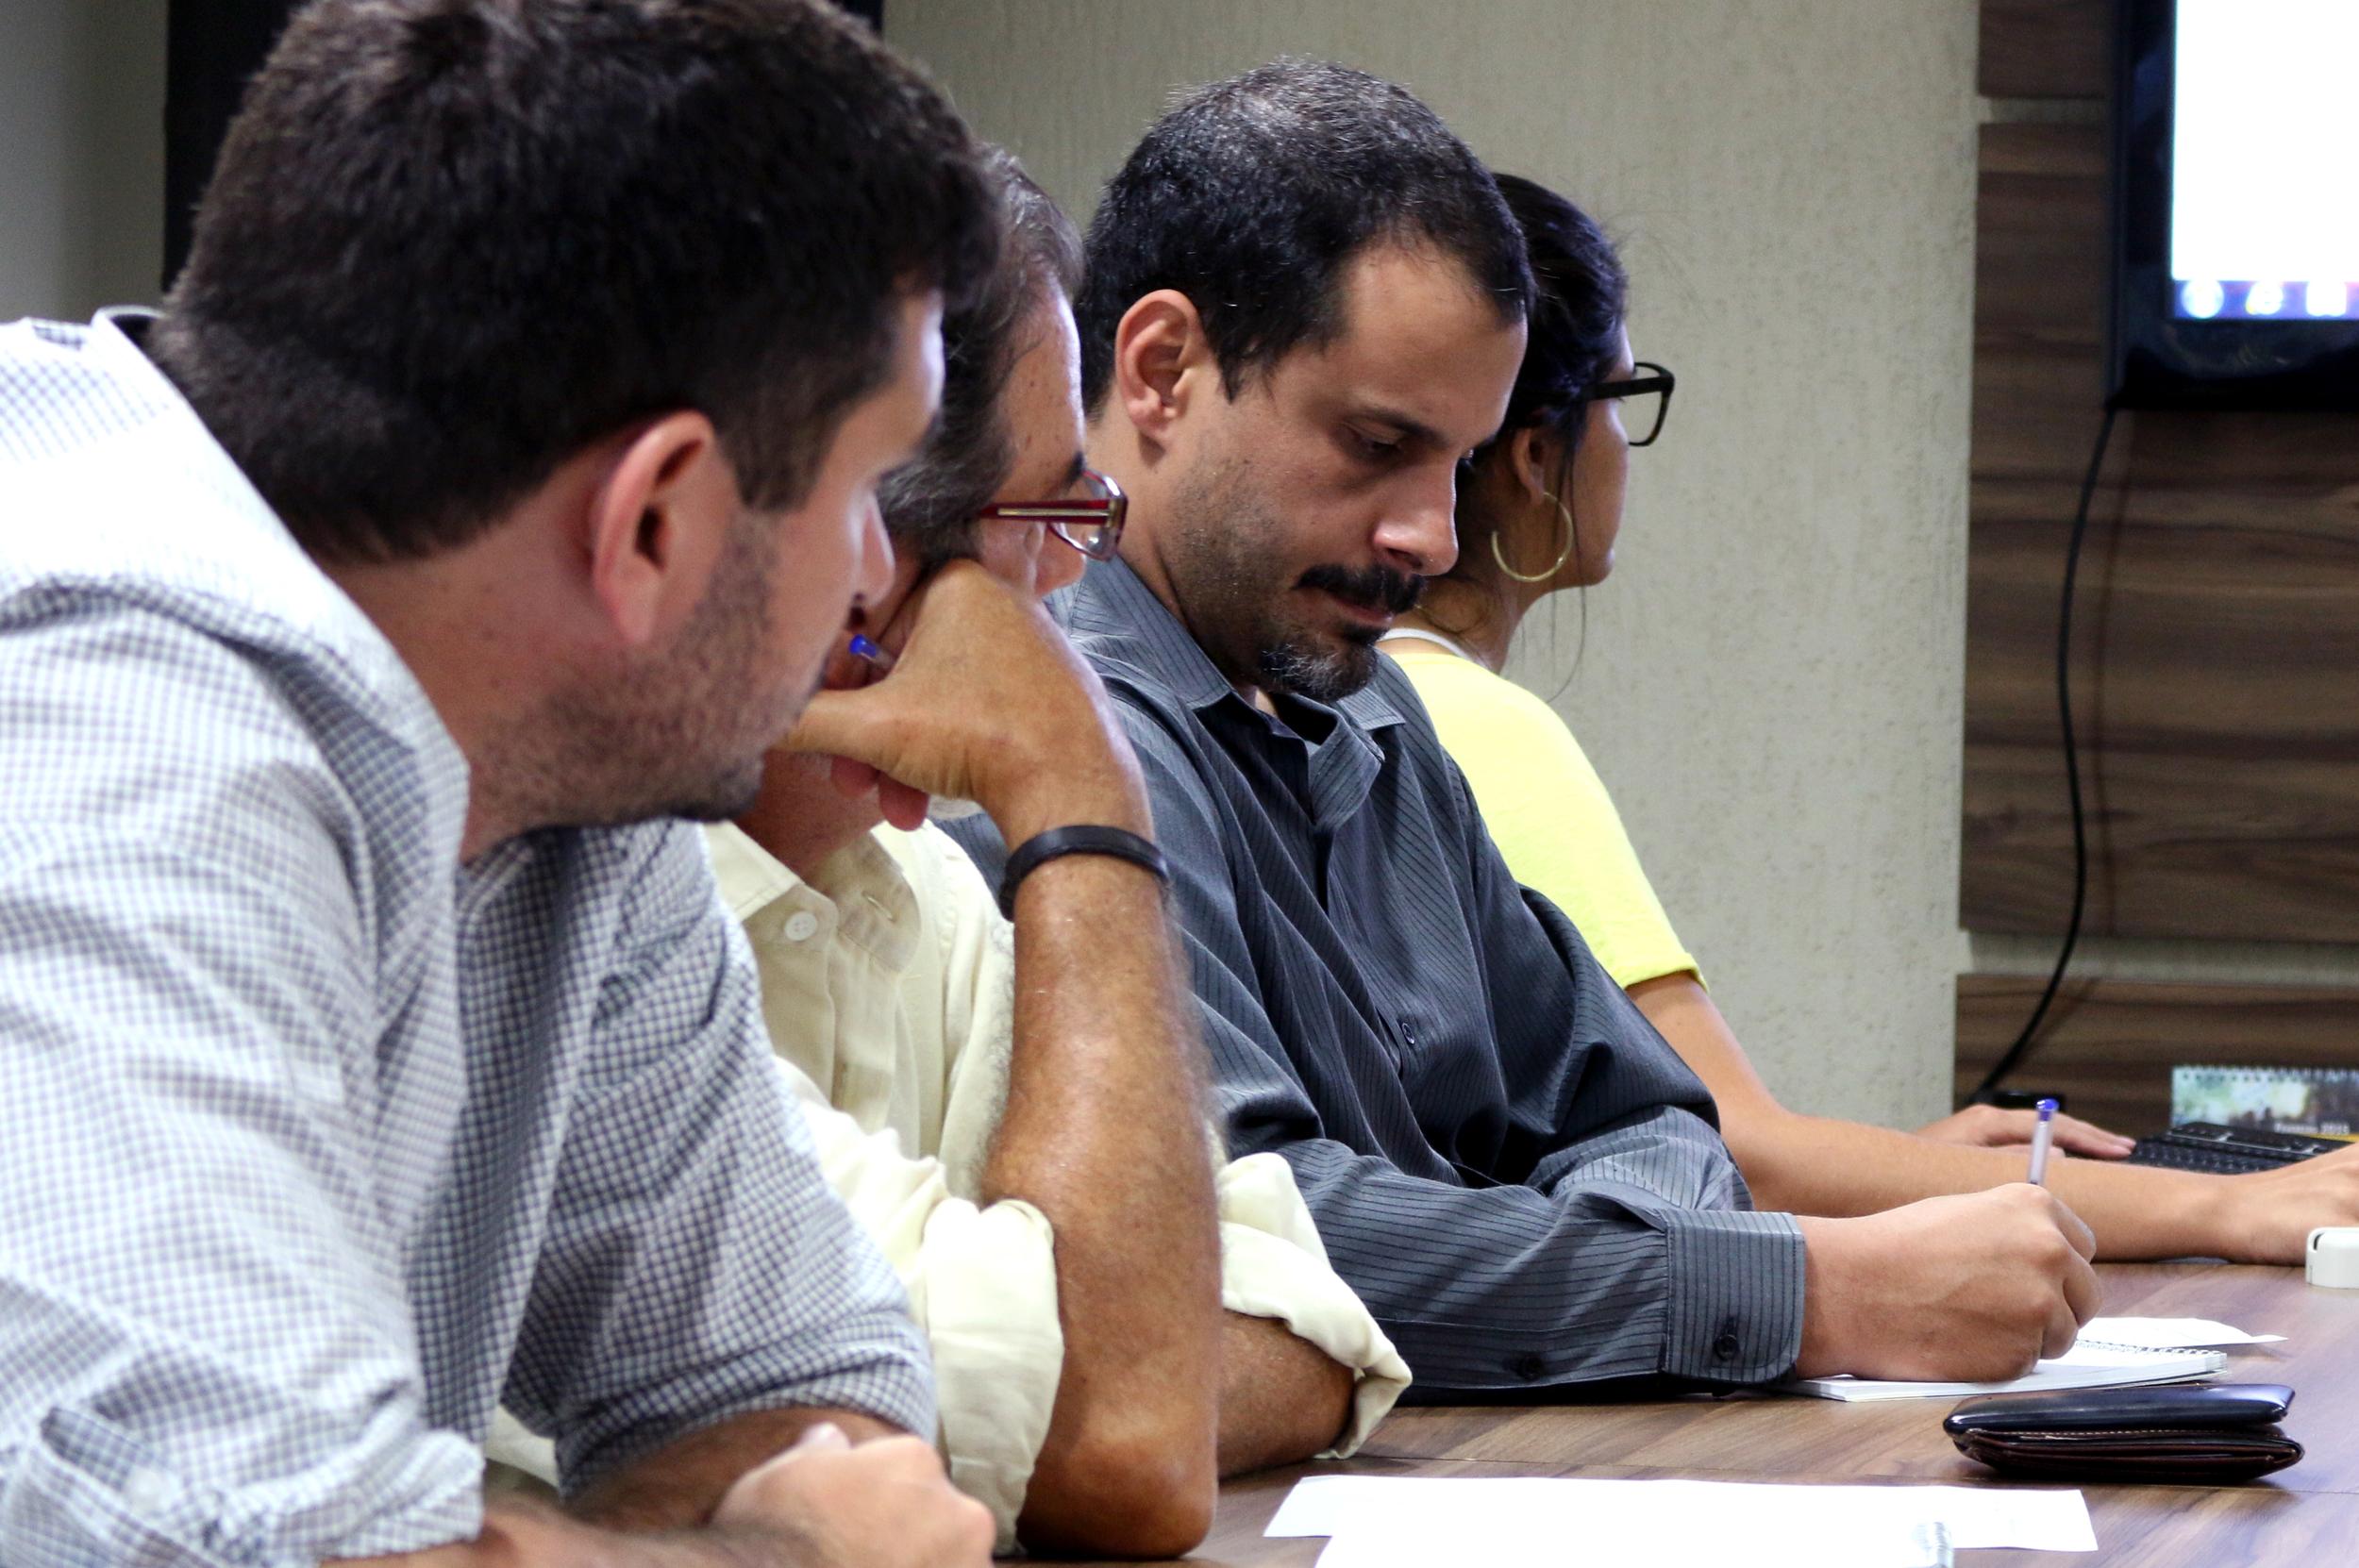 O Diretor de Assuntos Profissionais, Andrei Soares, representou a ANESP na reunião. Foto: Filipe Calmon / ANESP